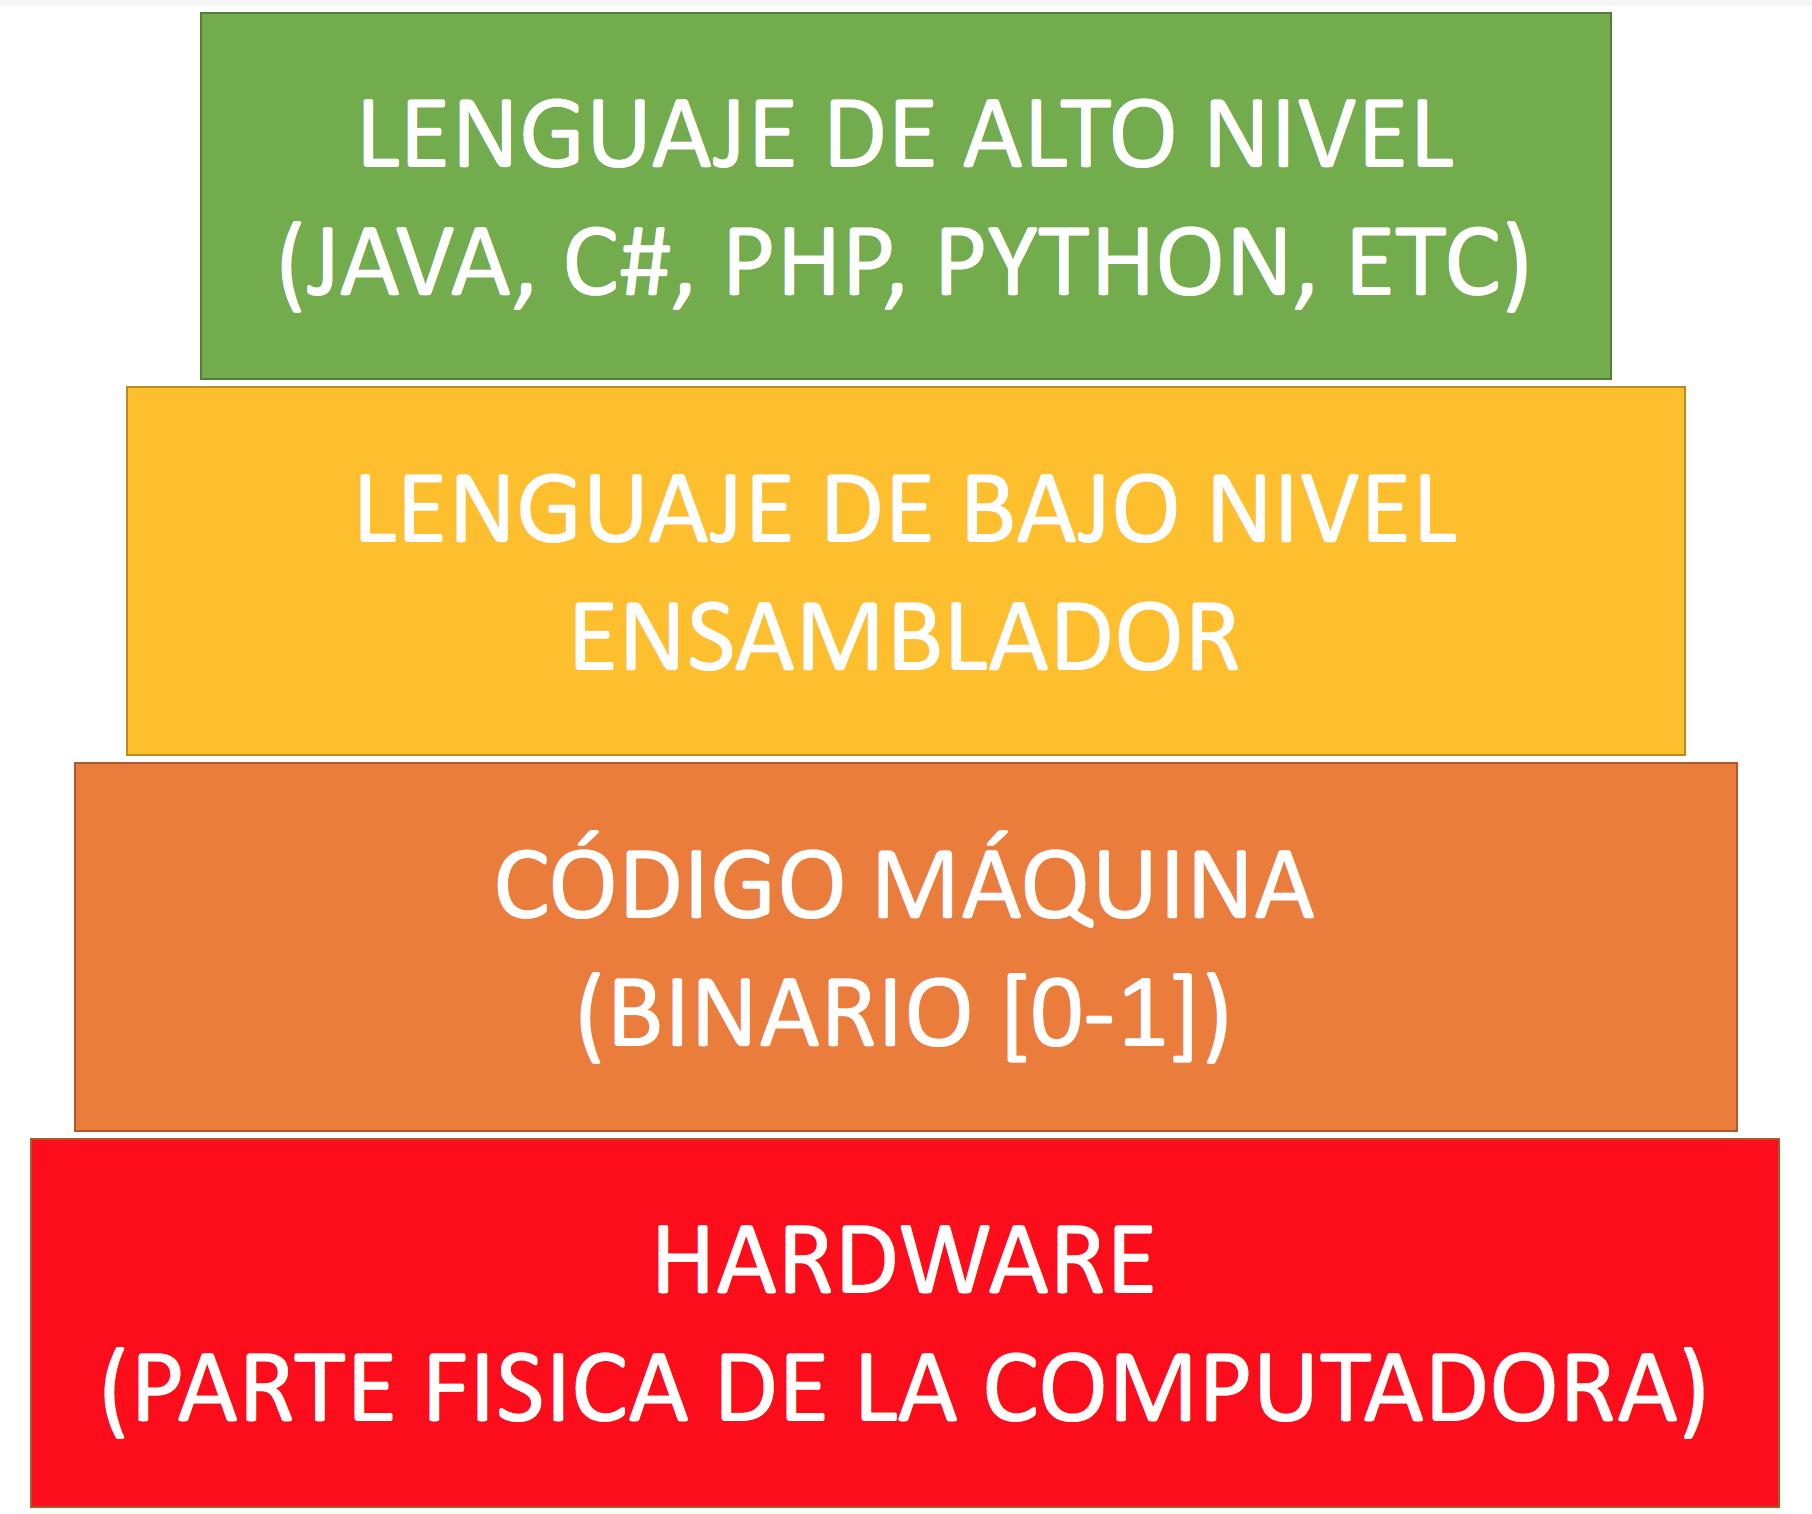 alto nivel - bajo nivel programación -código maquina